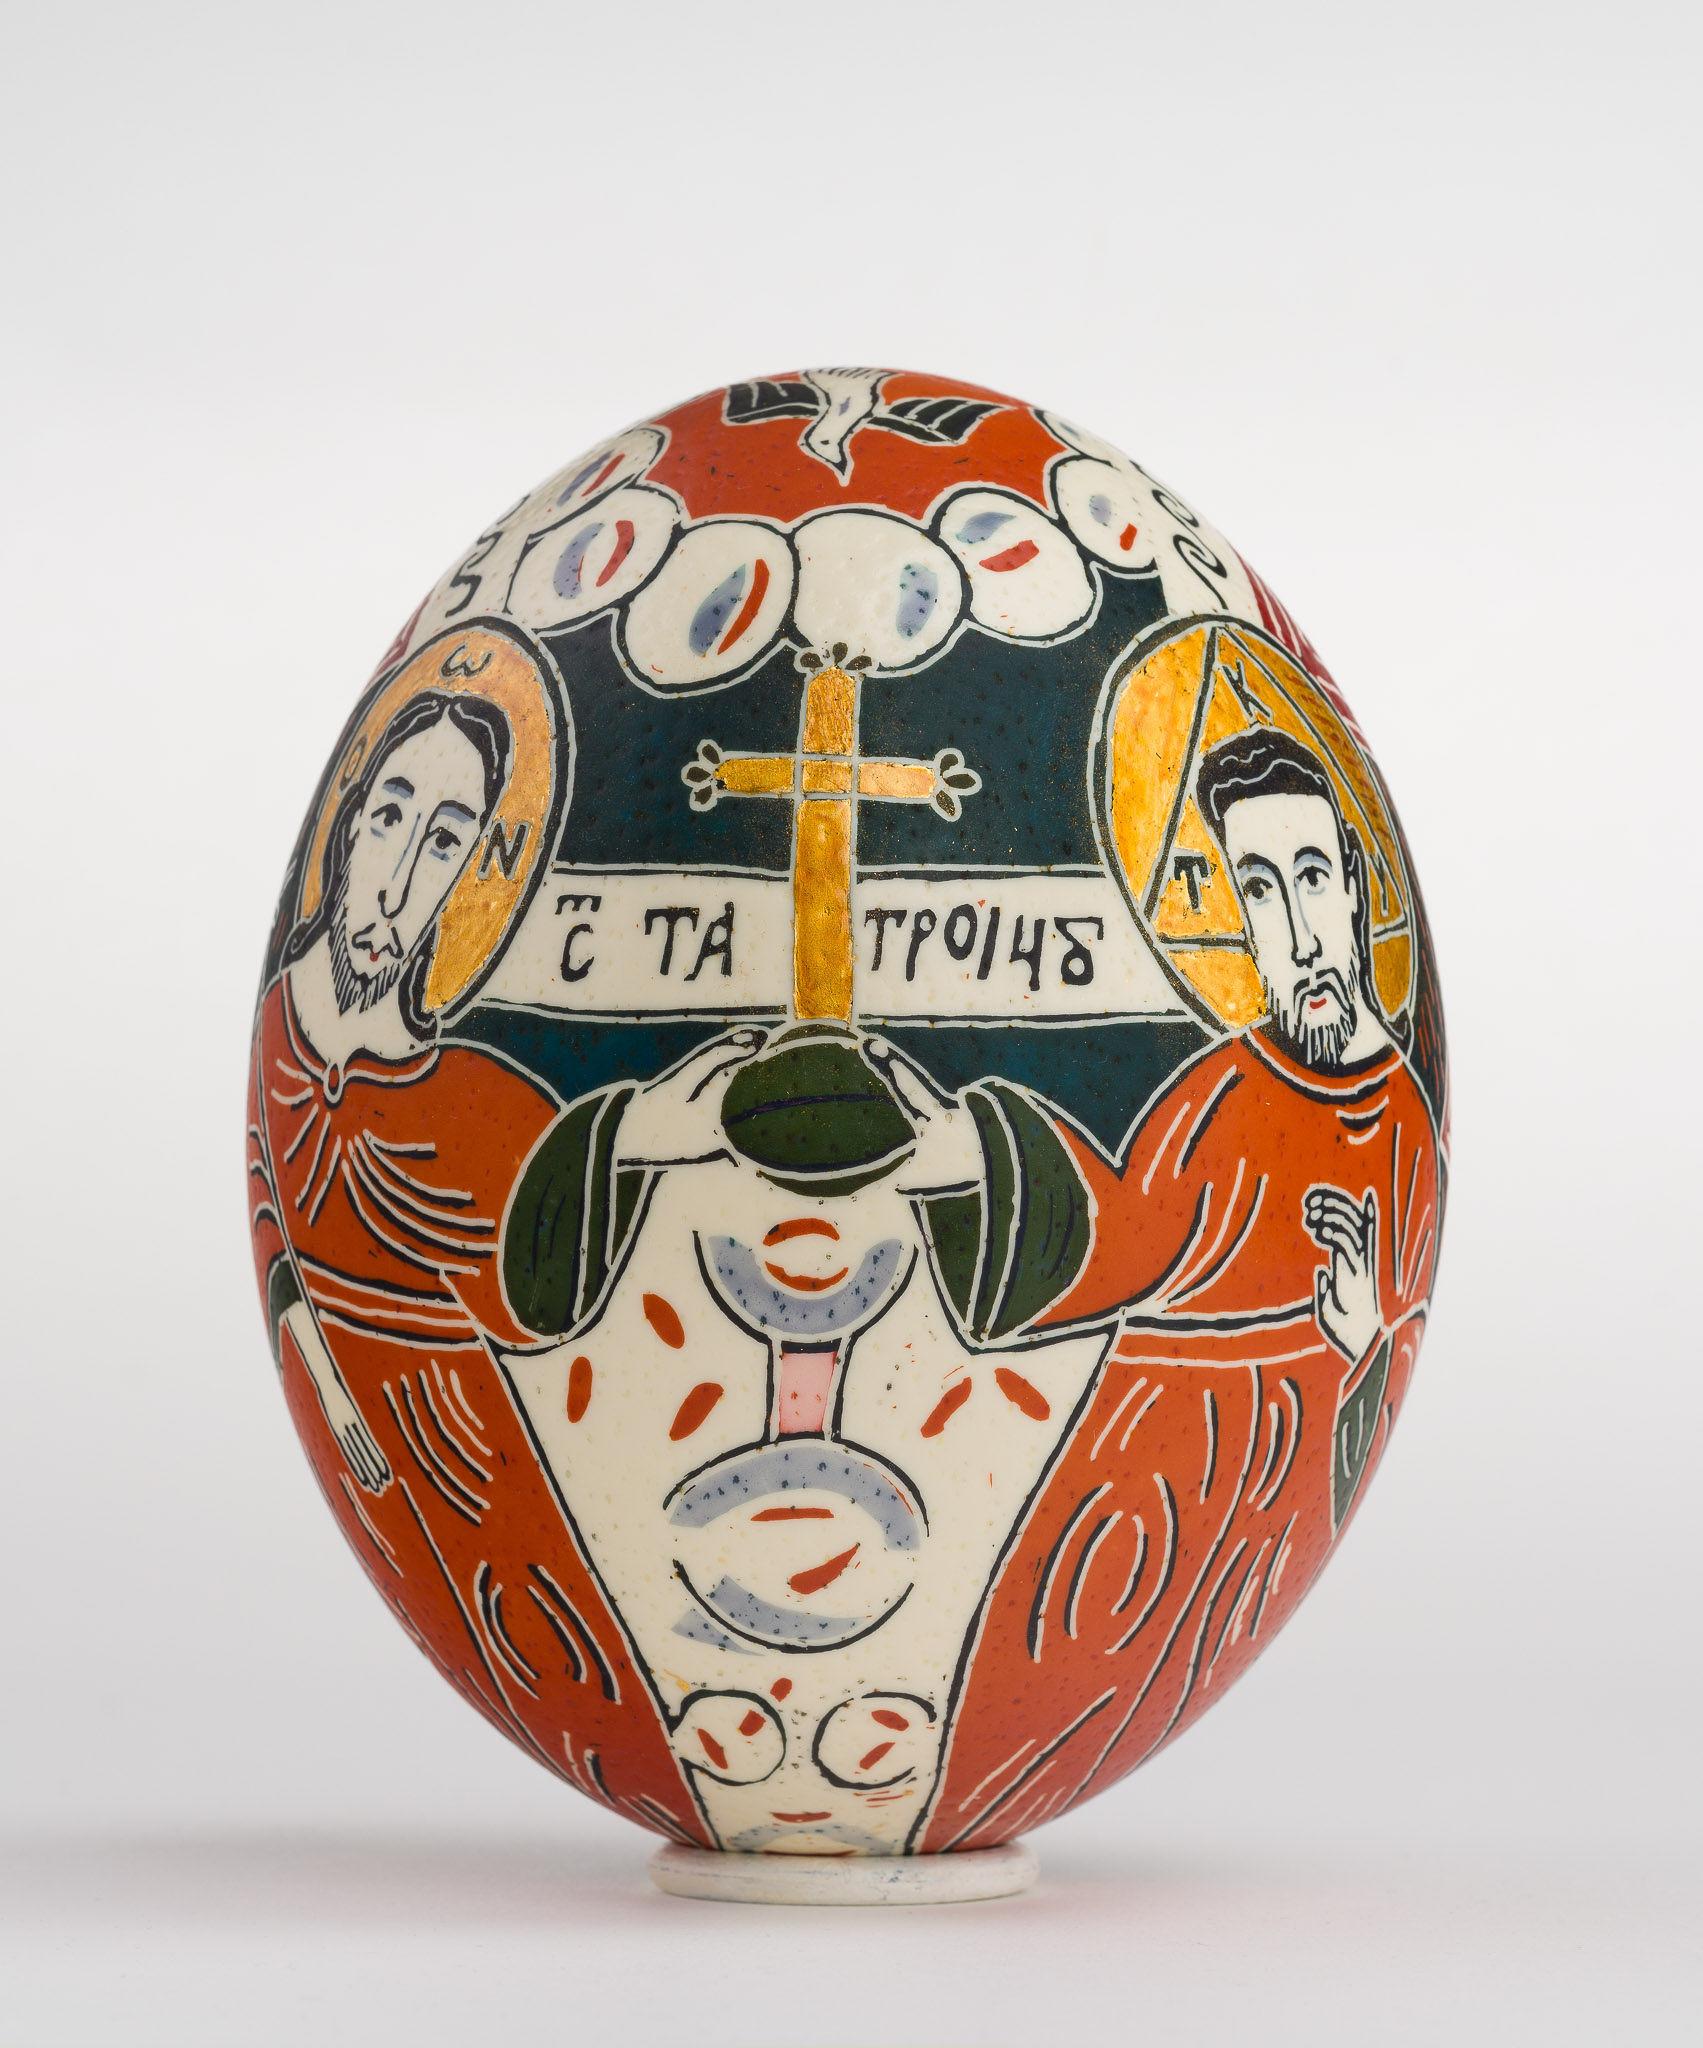 Icoană încondeiată pe ou de struț - Sfânta Treime nou-testamentară - maryando-104.jpg